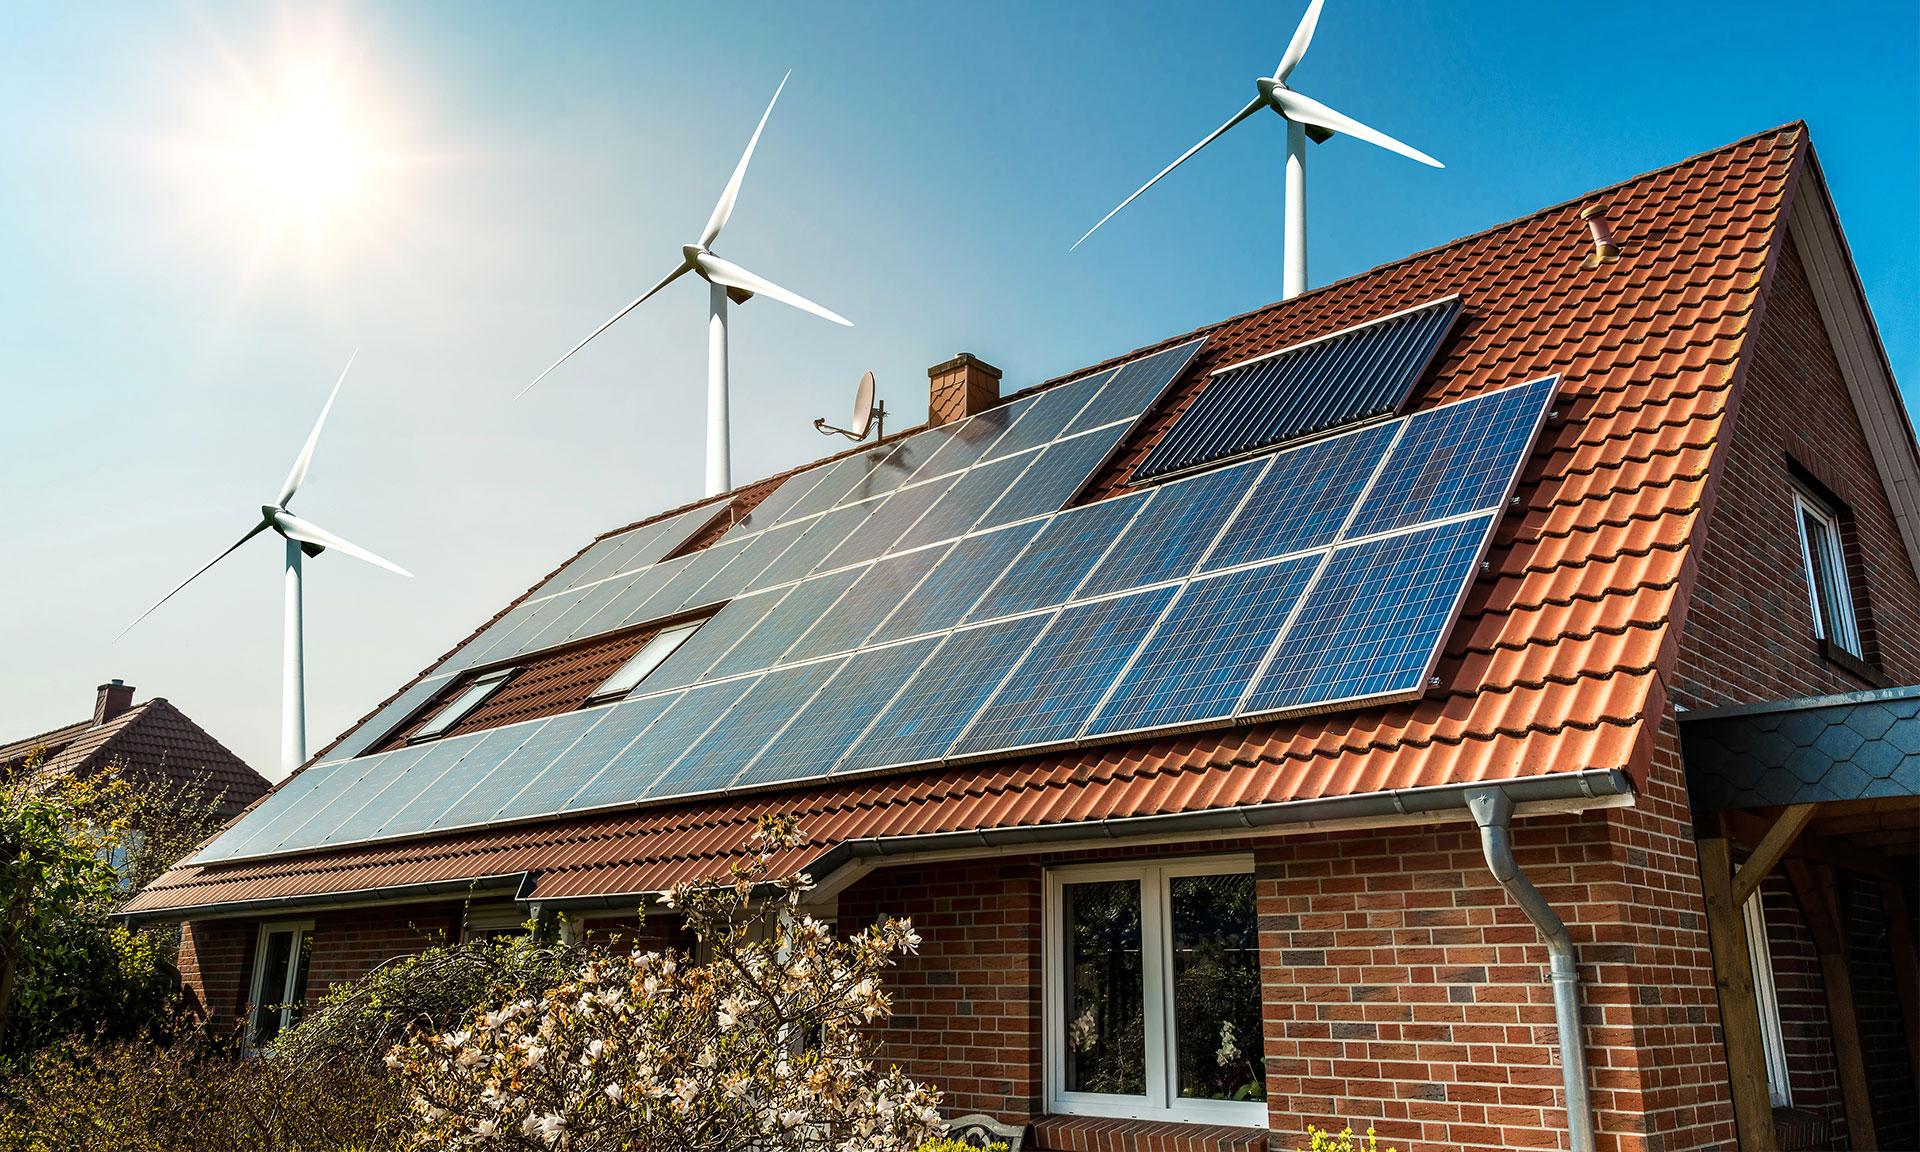 hight resolution of solar panels jpg